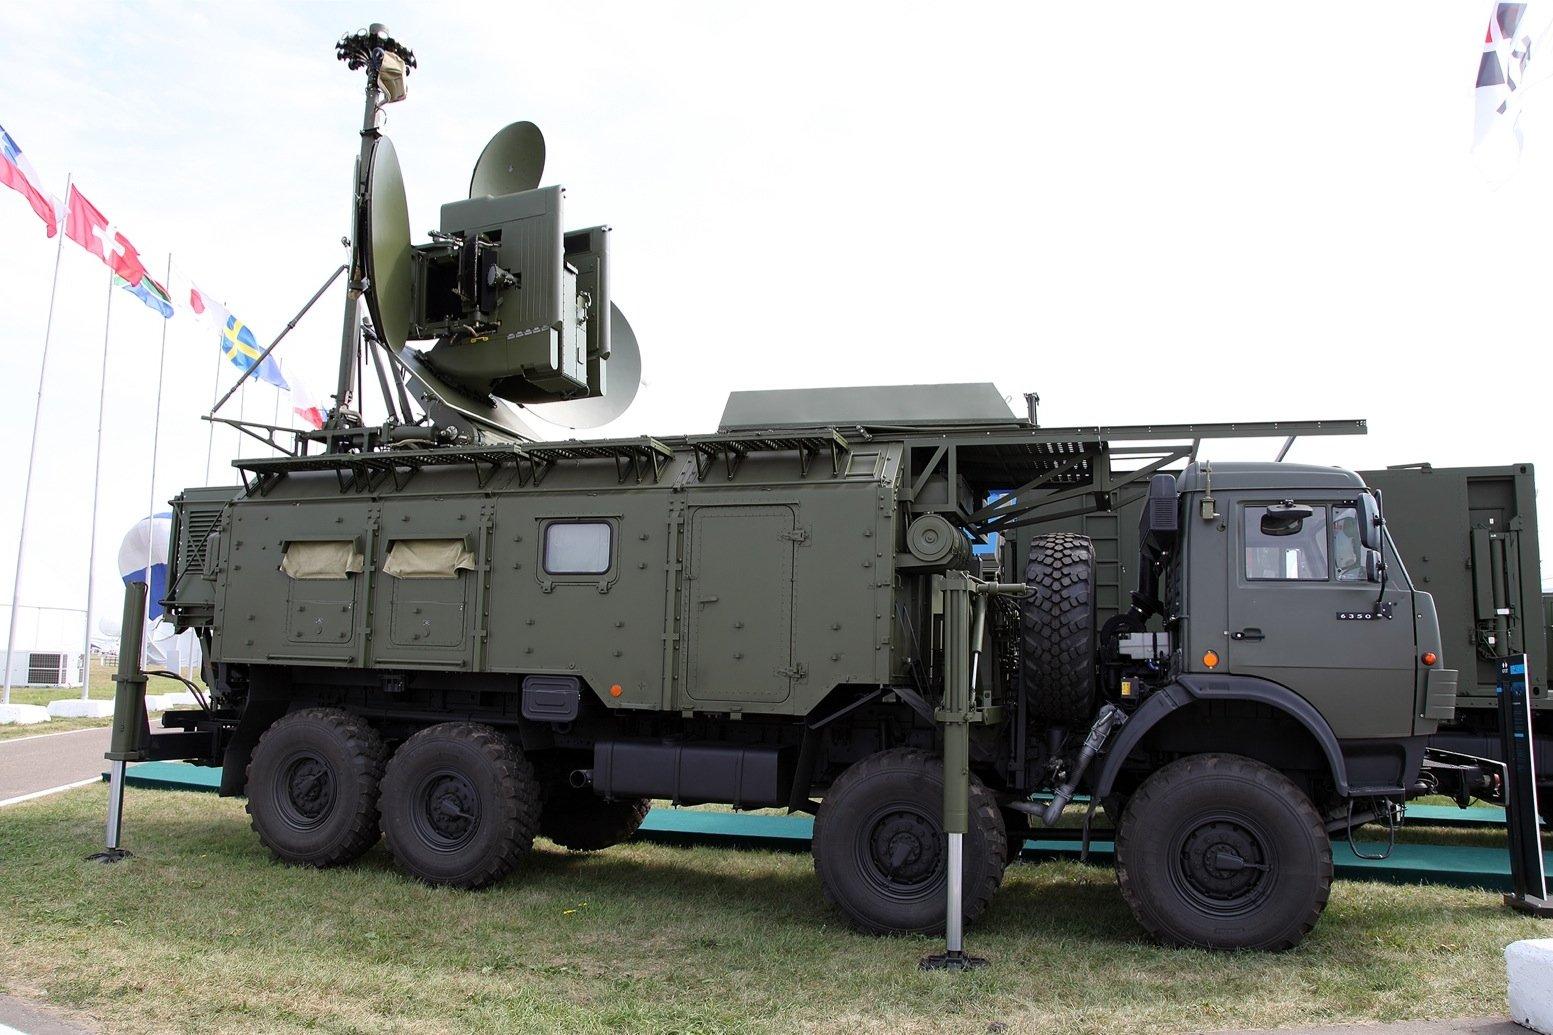 Image for Uuring: Venemaa elektrooniline sõjavõime astub NATO-le kandadele